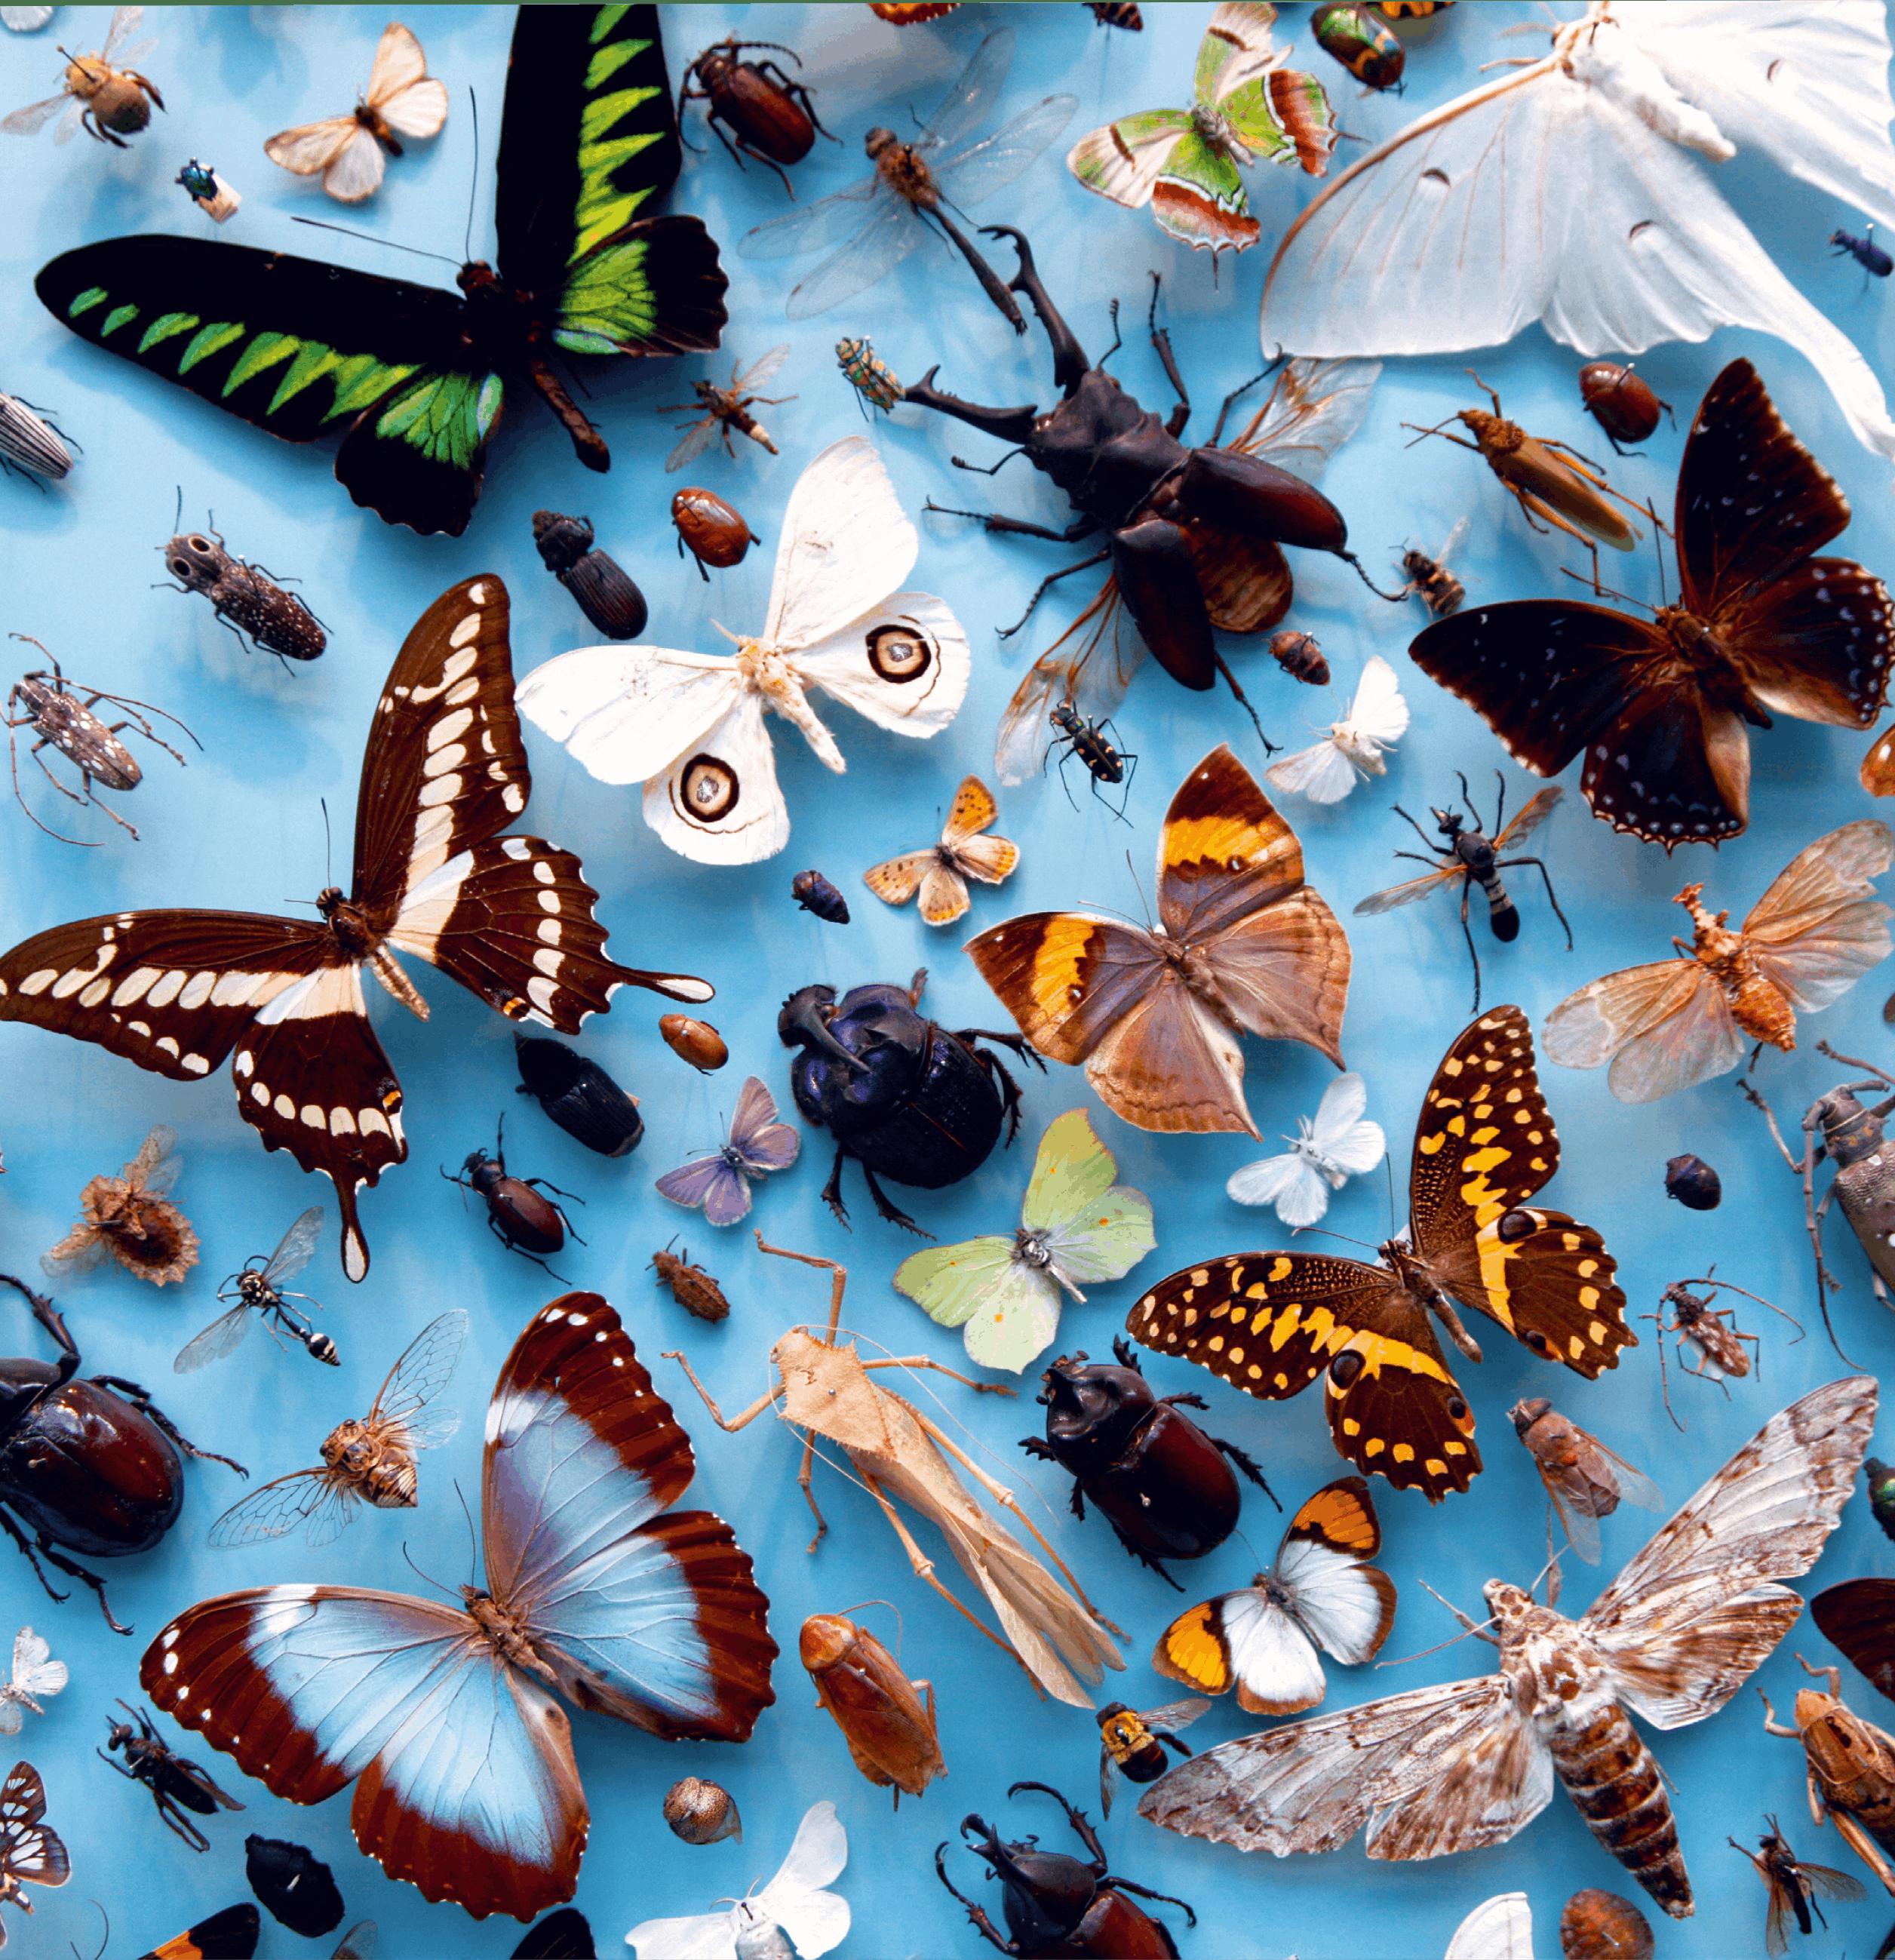 insectes, papillons, sauterelles, scarabées naturalisés ou sous verre